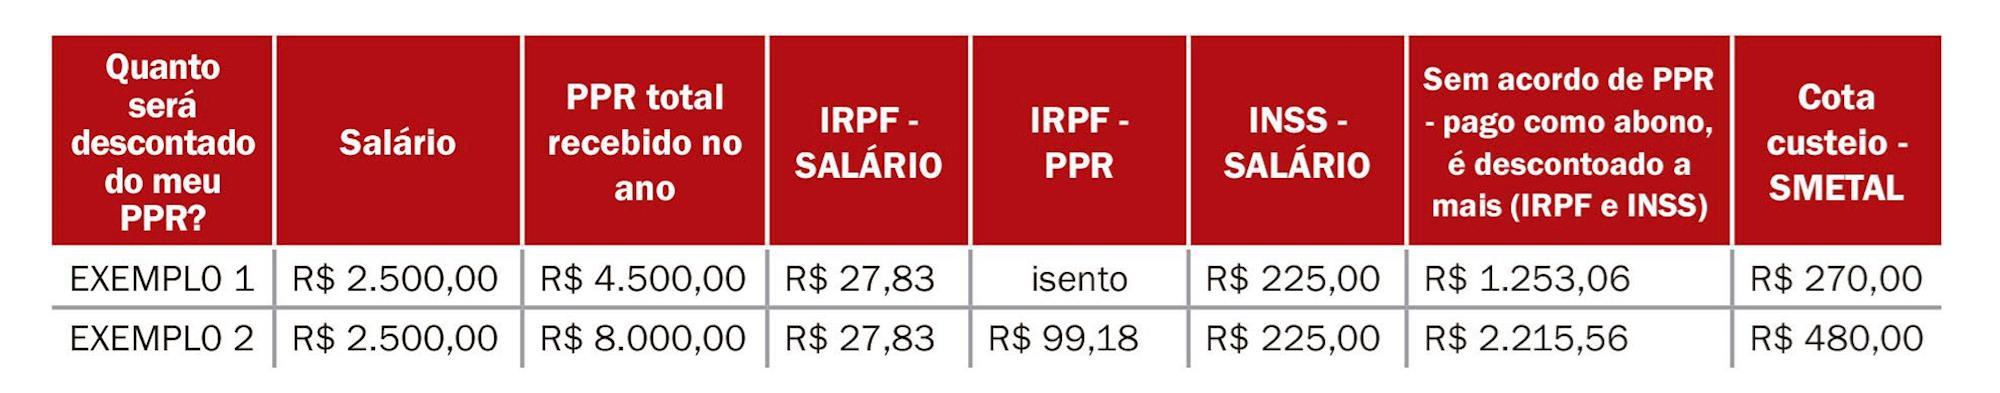 exemplo, ppr, cota, Dados da subseção Dieese SMetal Sorocaba